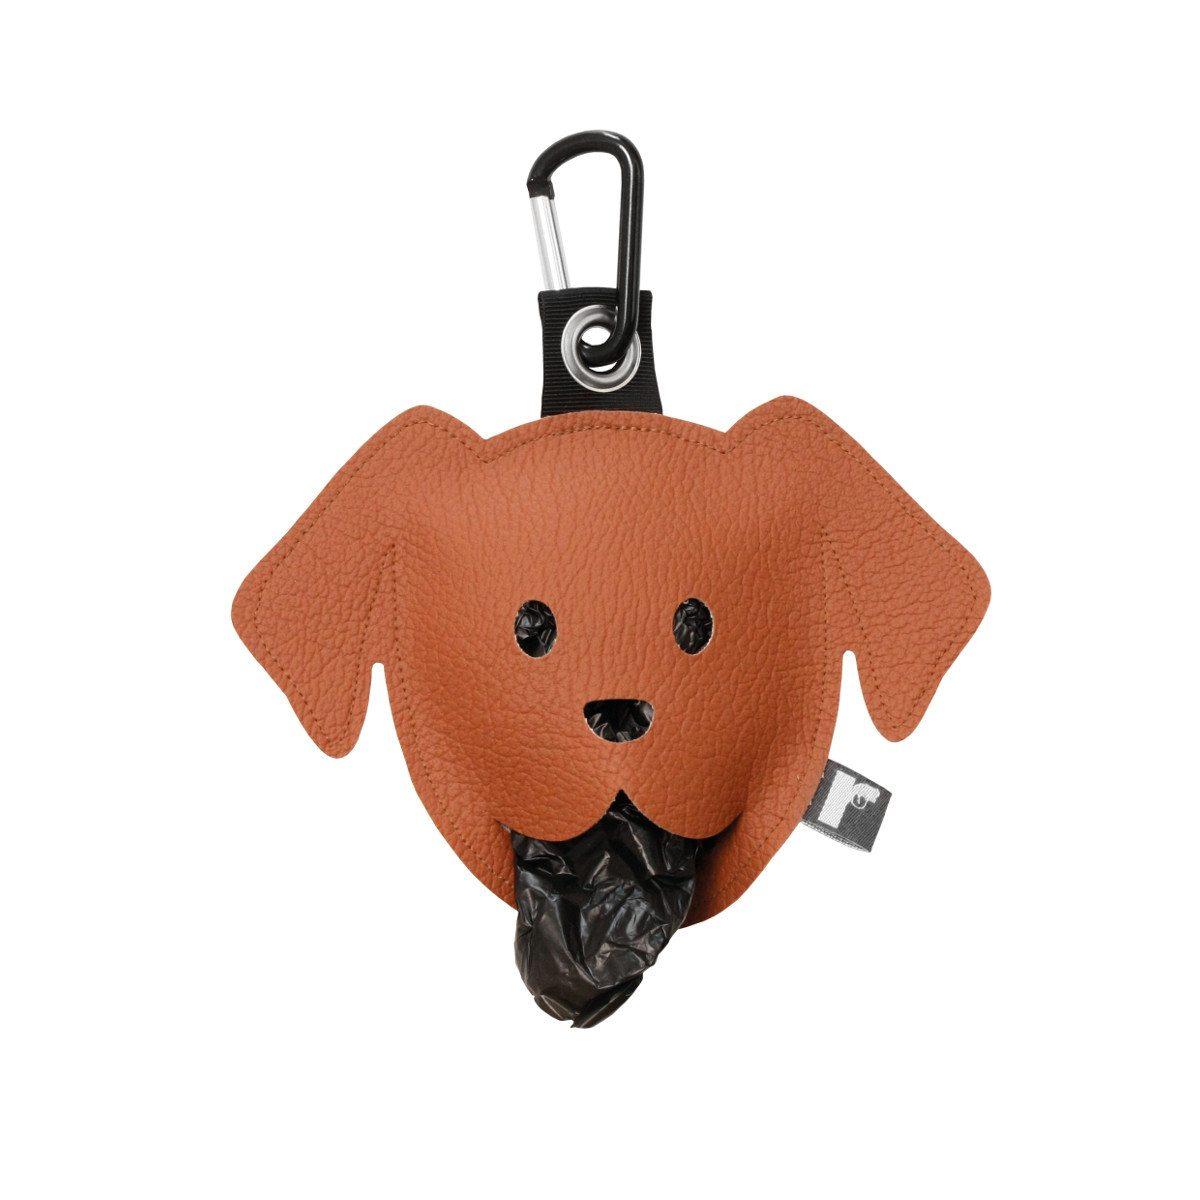 Goodie zum Gassi-Gehen: Der Hundebeutelspender braun